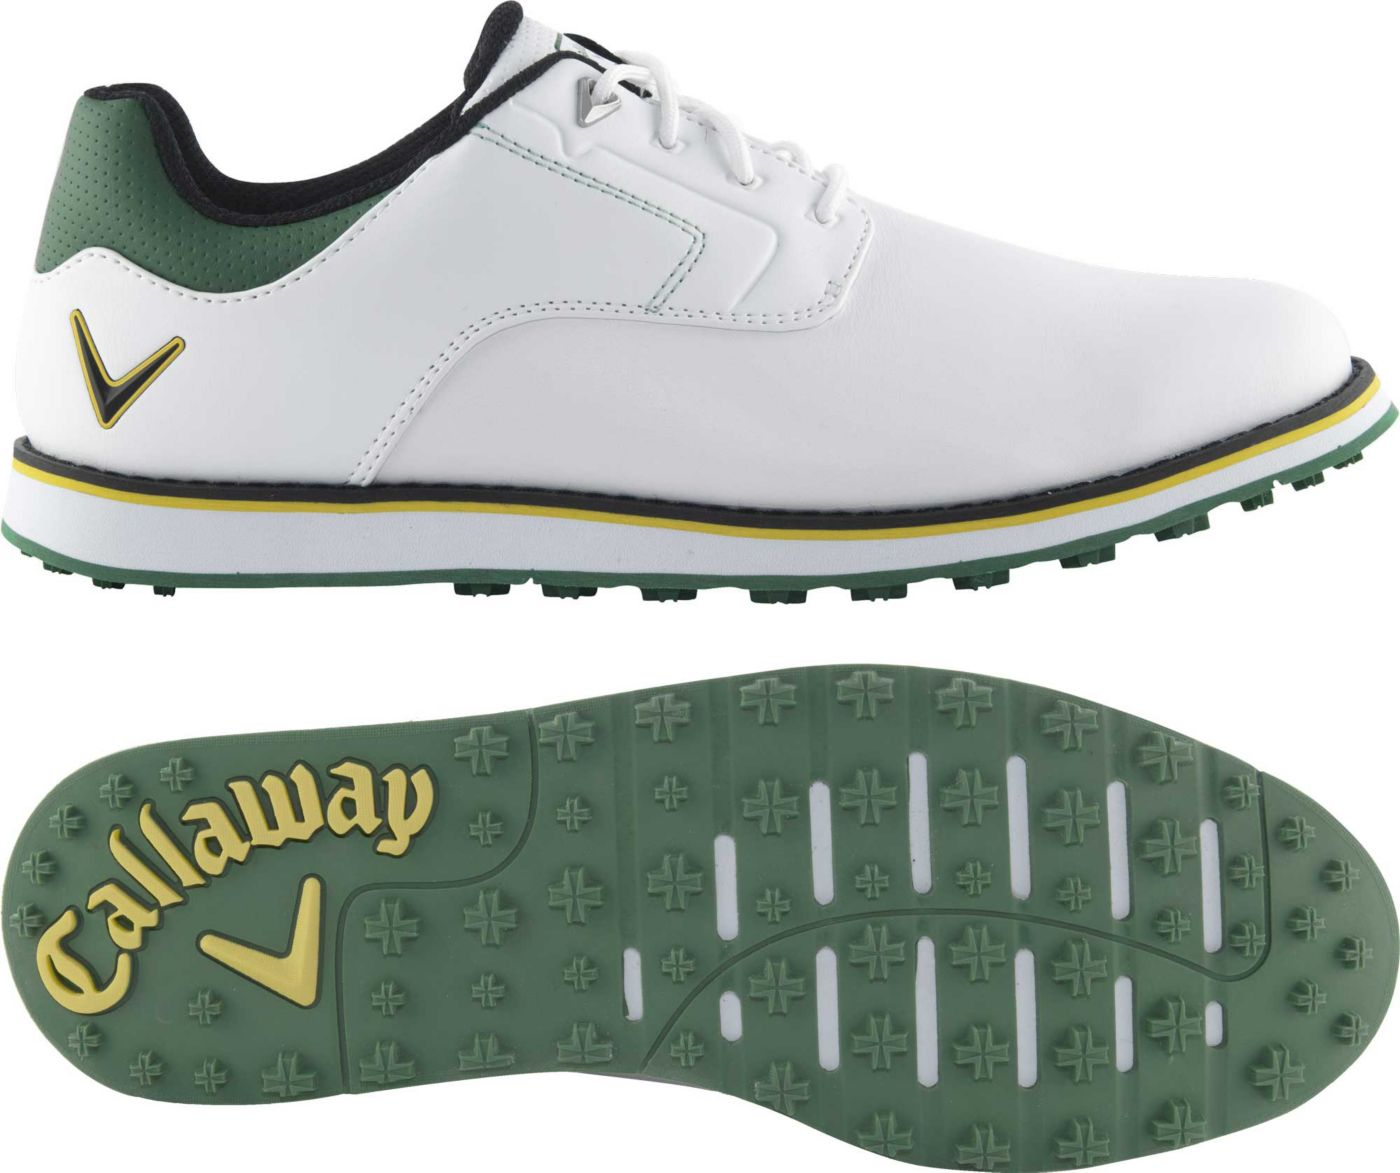 Callaway Men's La Jolla SL Golf Shoes